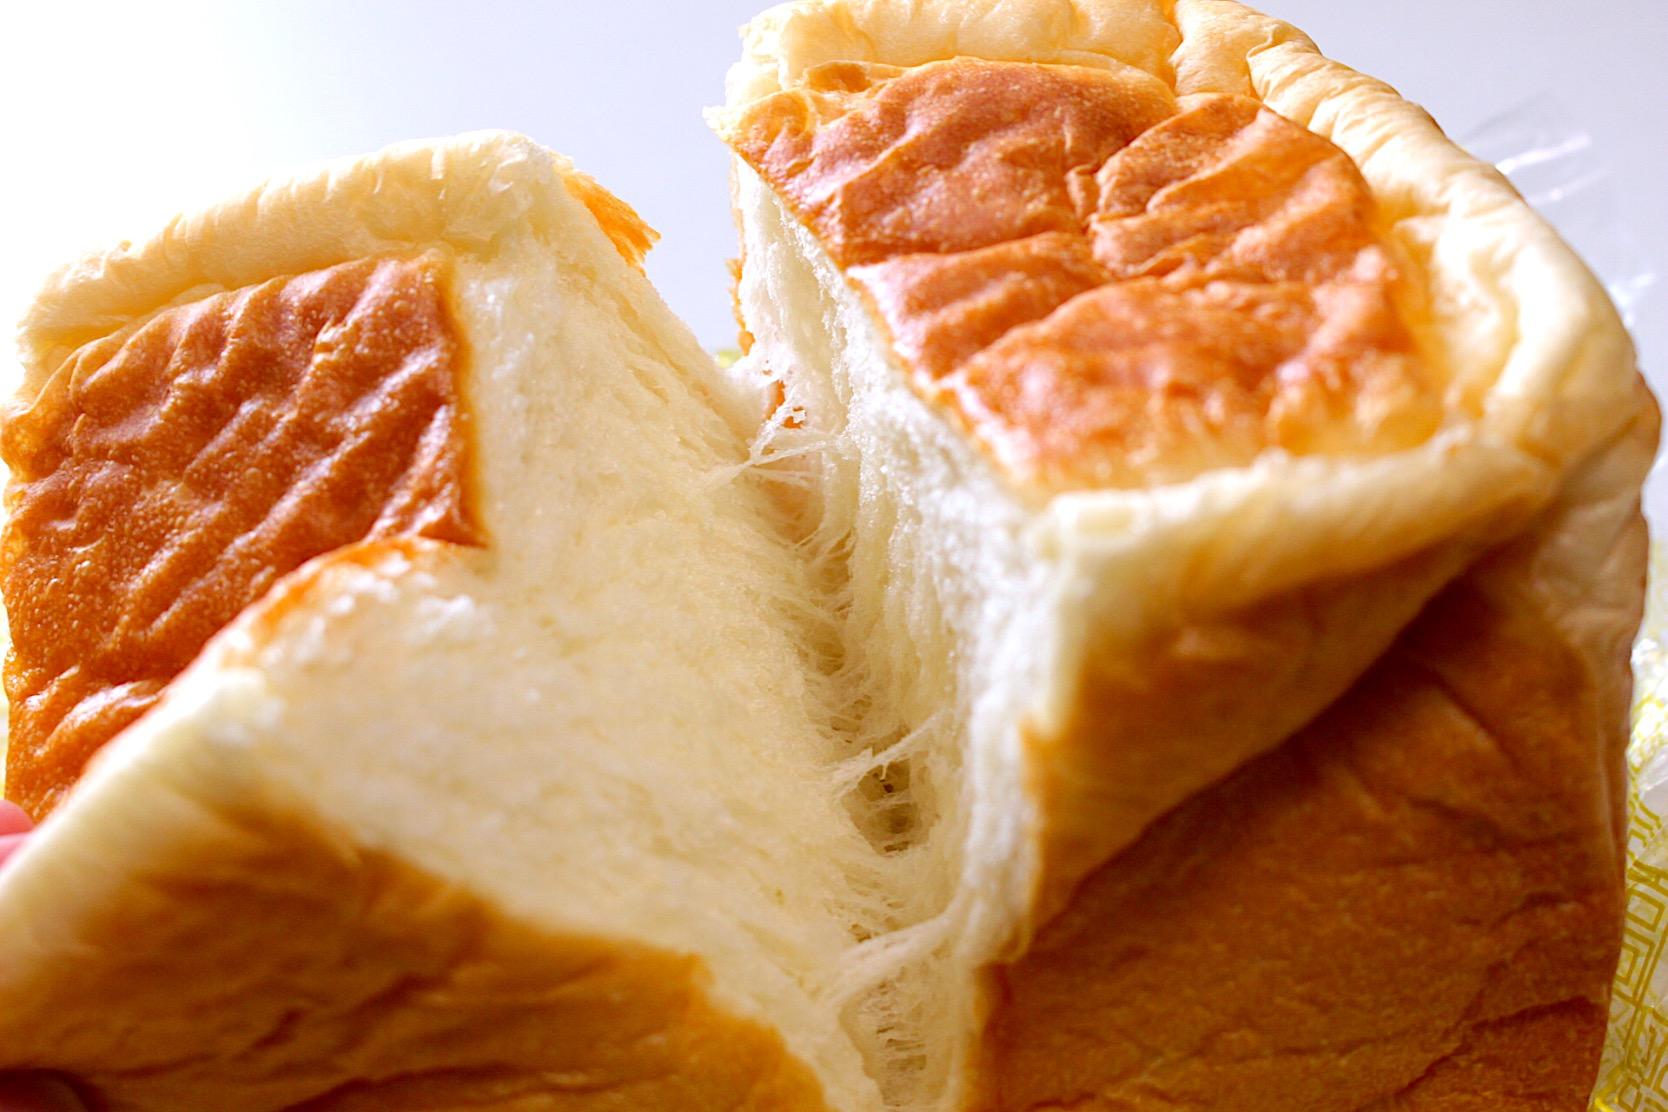 【もはや最高傑作】高級食パン専門店!行ってきた。焼き上がり・整理券など